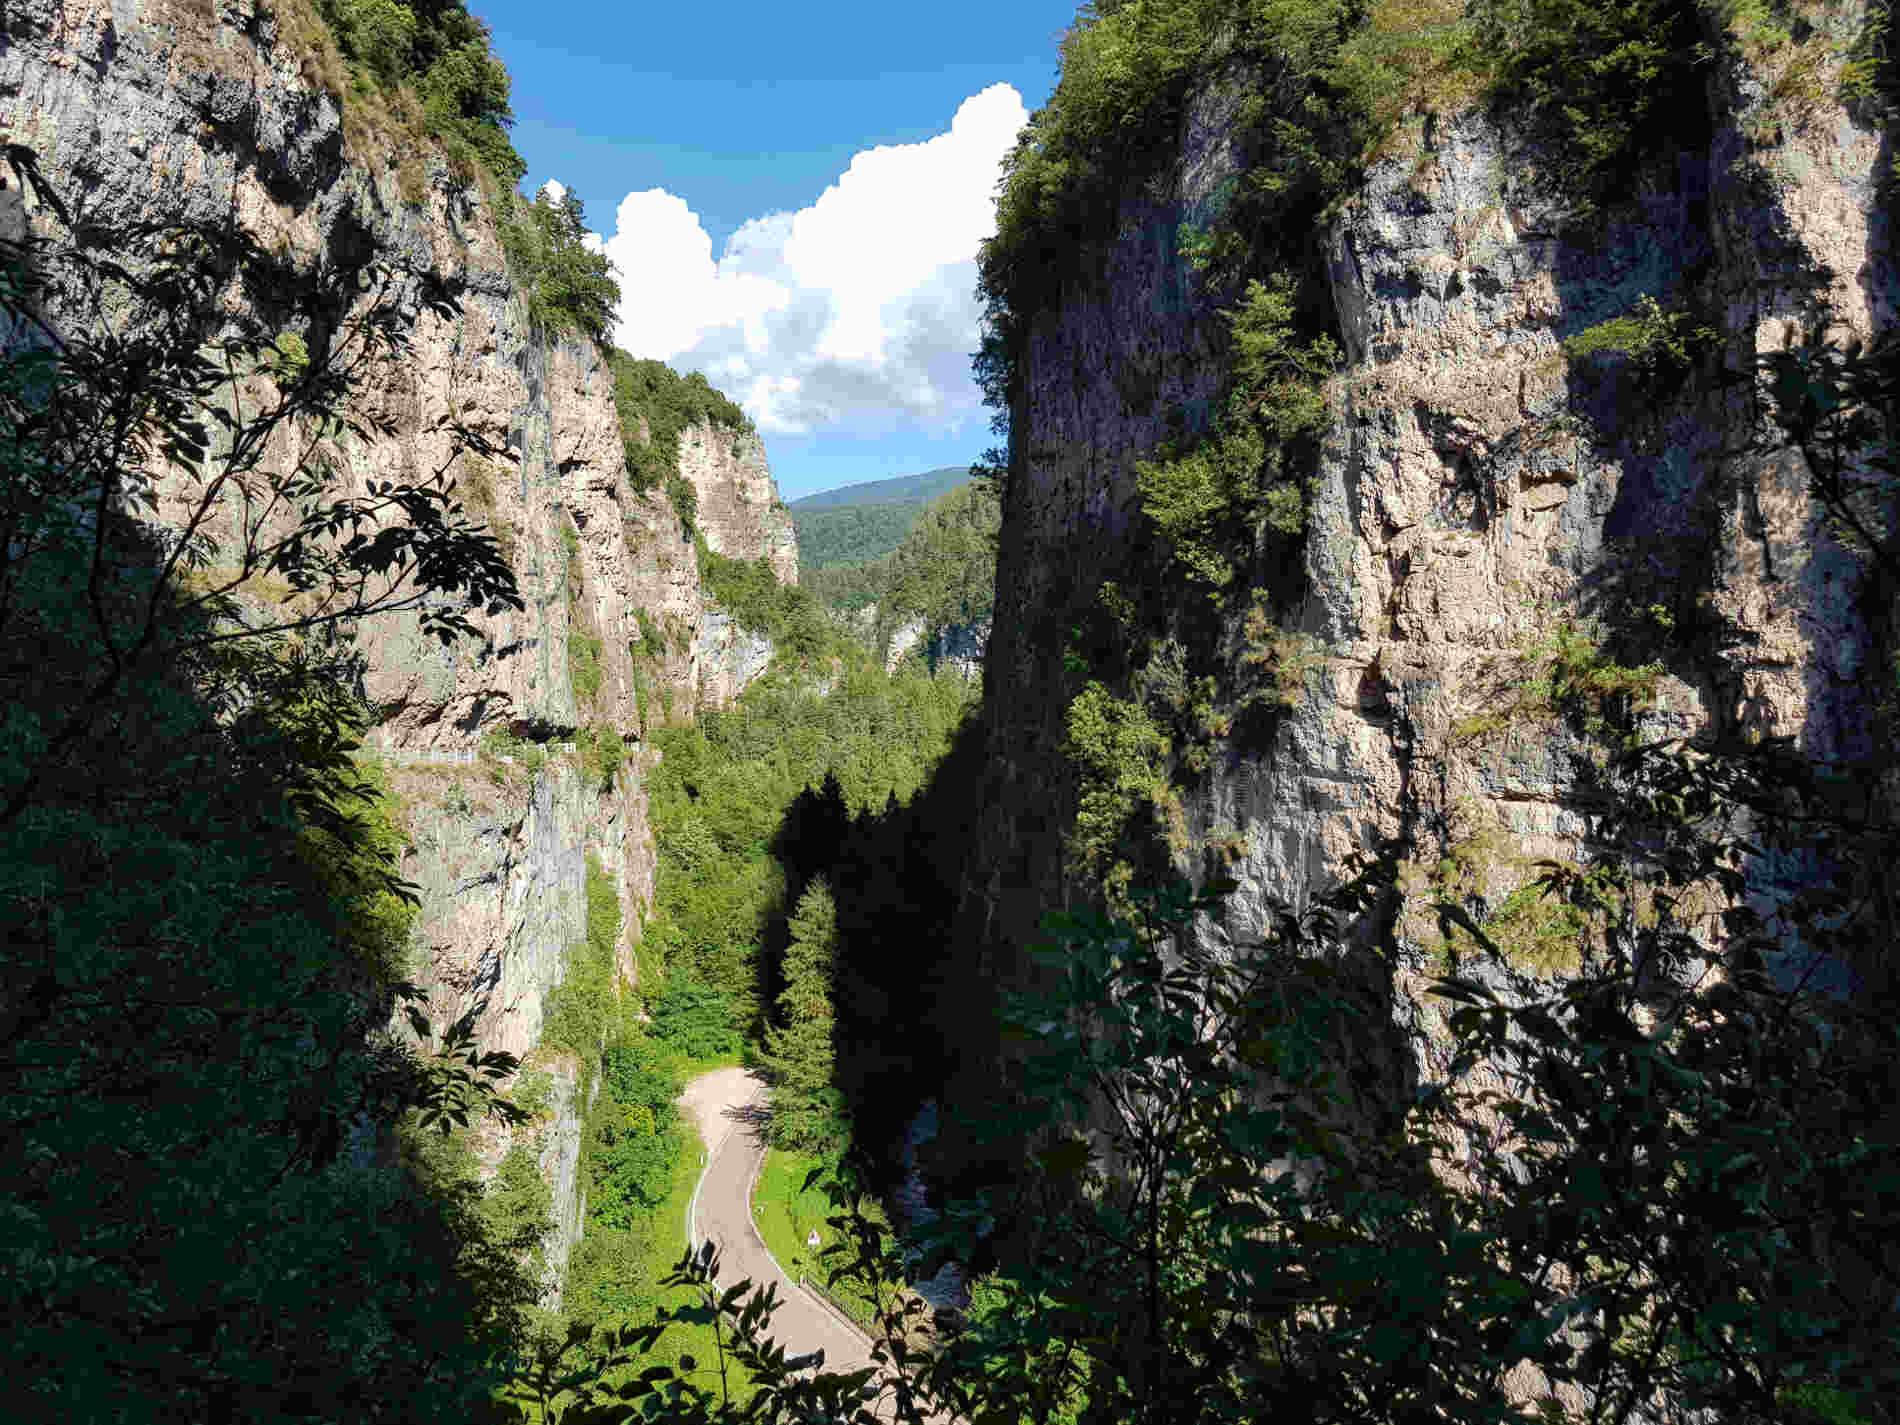 La forra di san Romedio e la strada sottostante che porta al Santuario